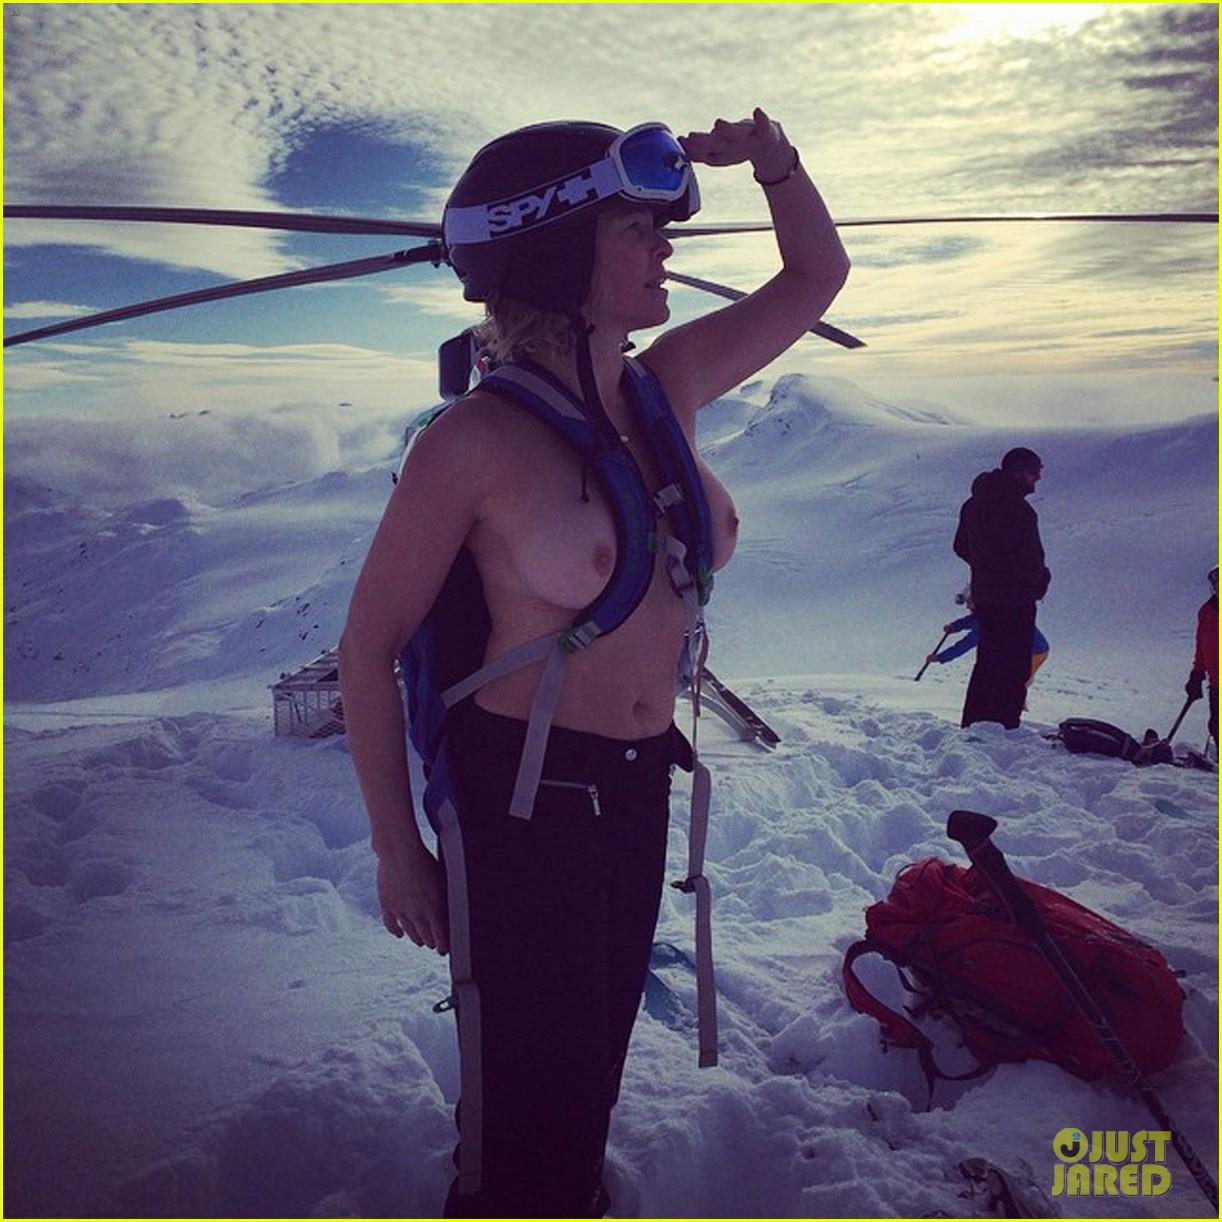 https://i2.wp.com/cdn01.cdn.justjared.com/wp-content/uploads/2014/12/handler-topless/chelsea-handler-goes-topless-again-on-instagram-01.jpg